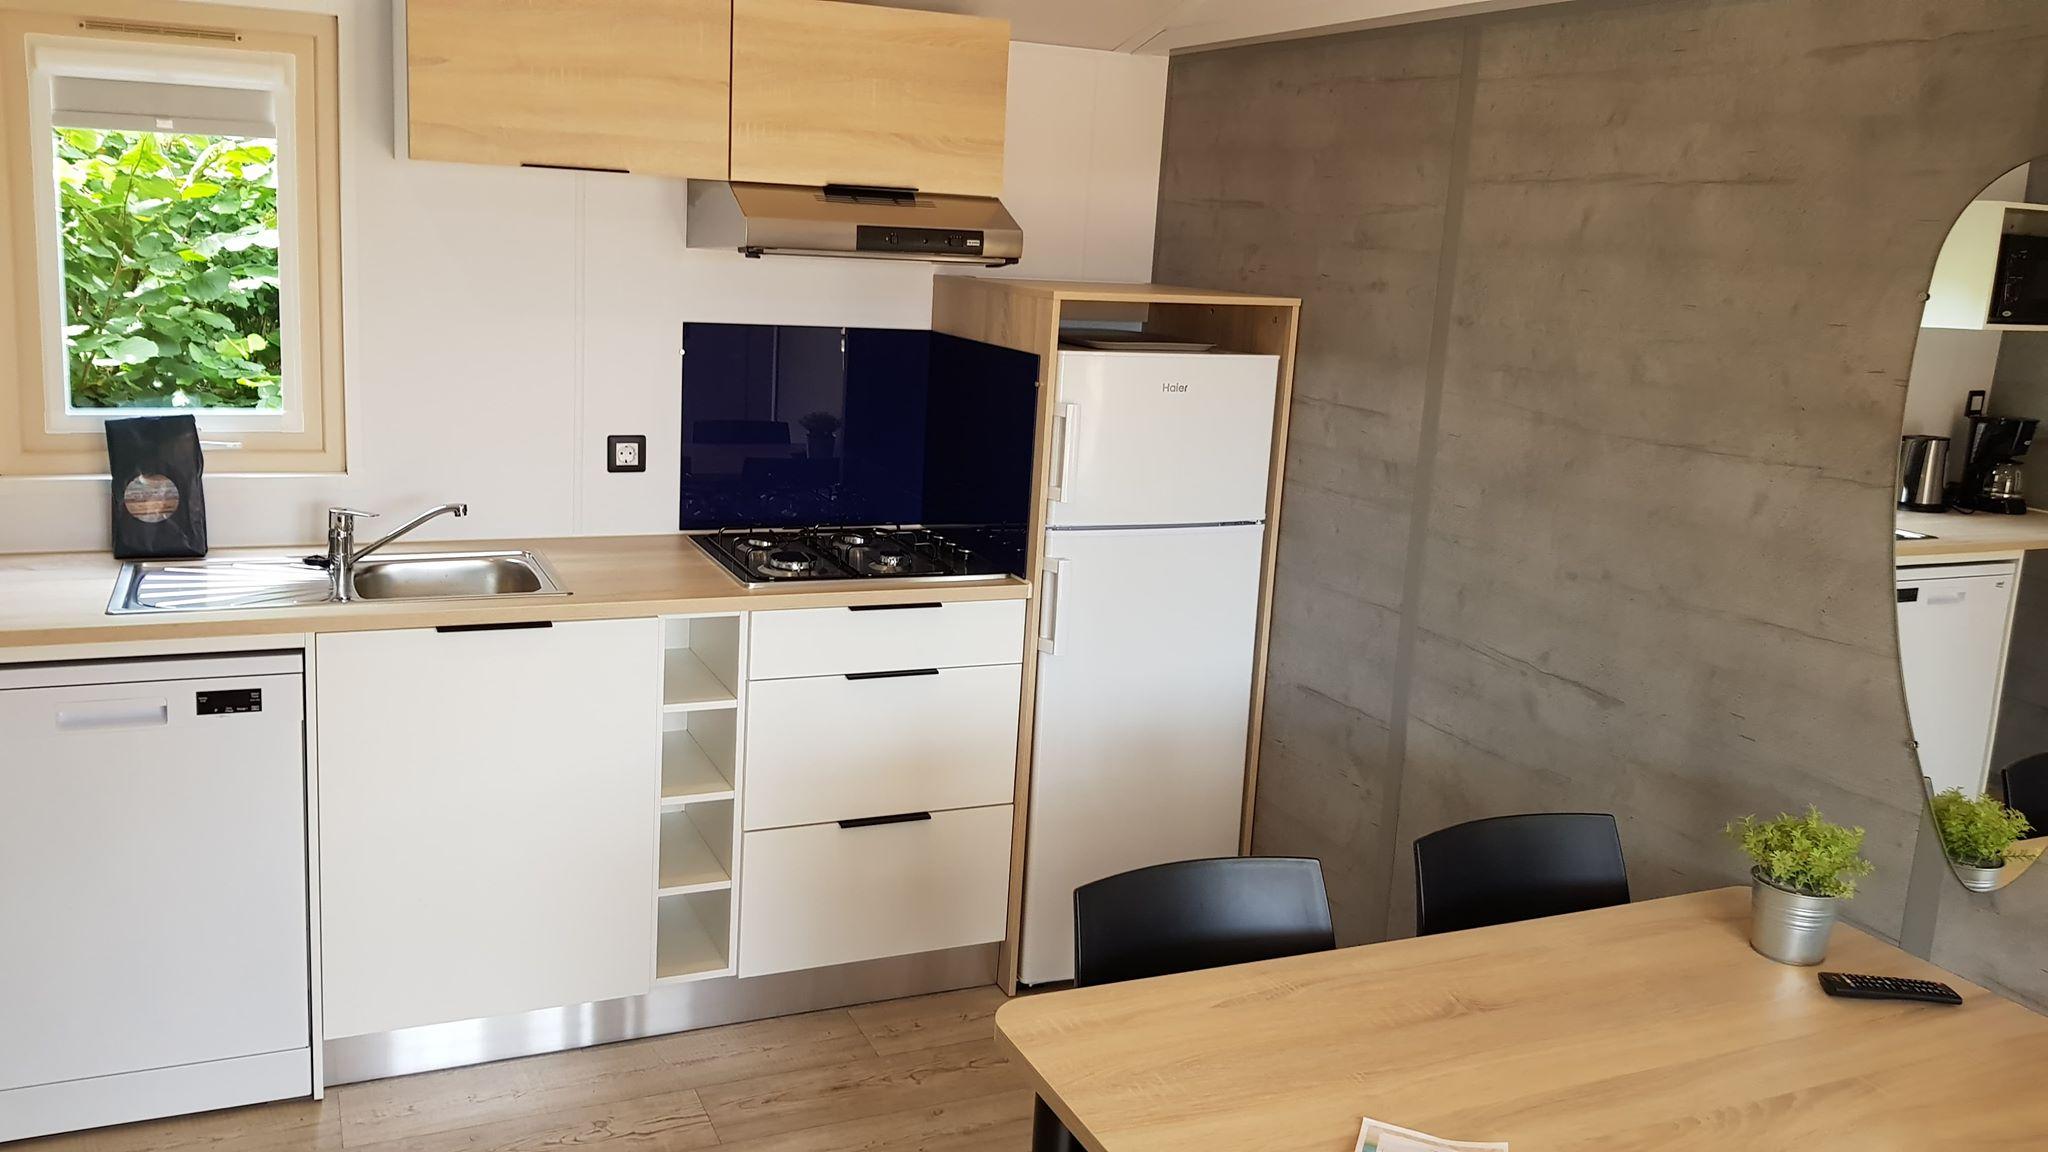 Chalet Jasmijn 4 personen met tweede badkamer! - Luxe chalet in Overijssel